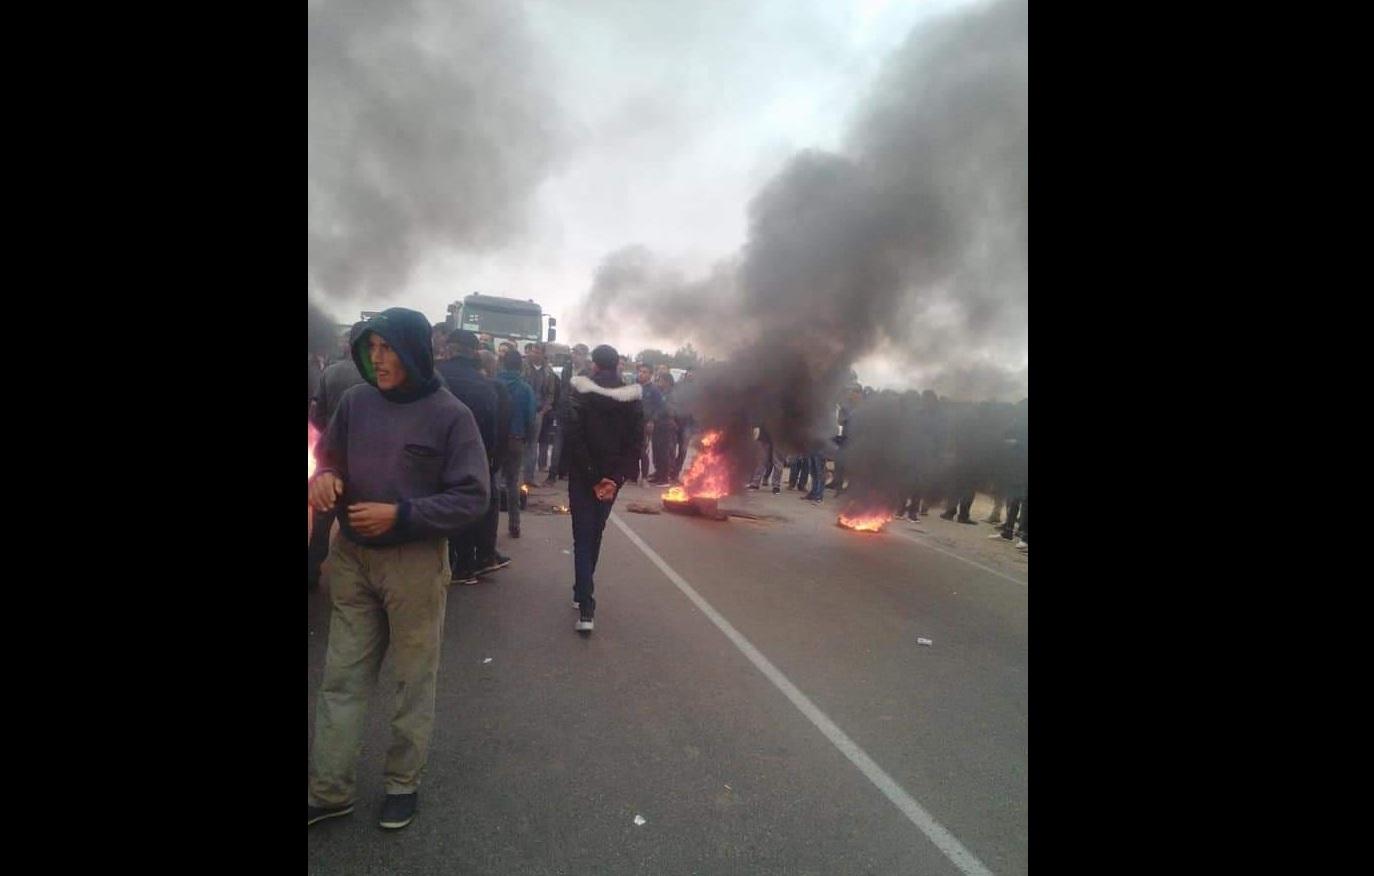 حاجب العيون-القيروان: إحتجاجات وغلق الطريق الوطنية رقم 3 بسبب تدهور سعر الزيتون